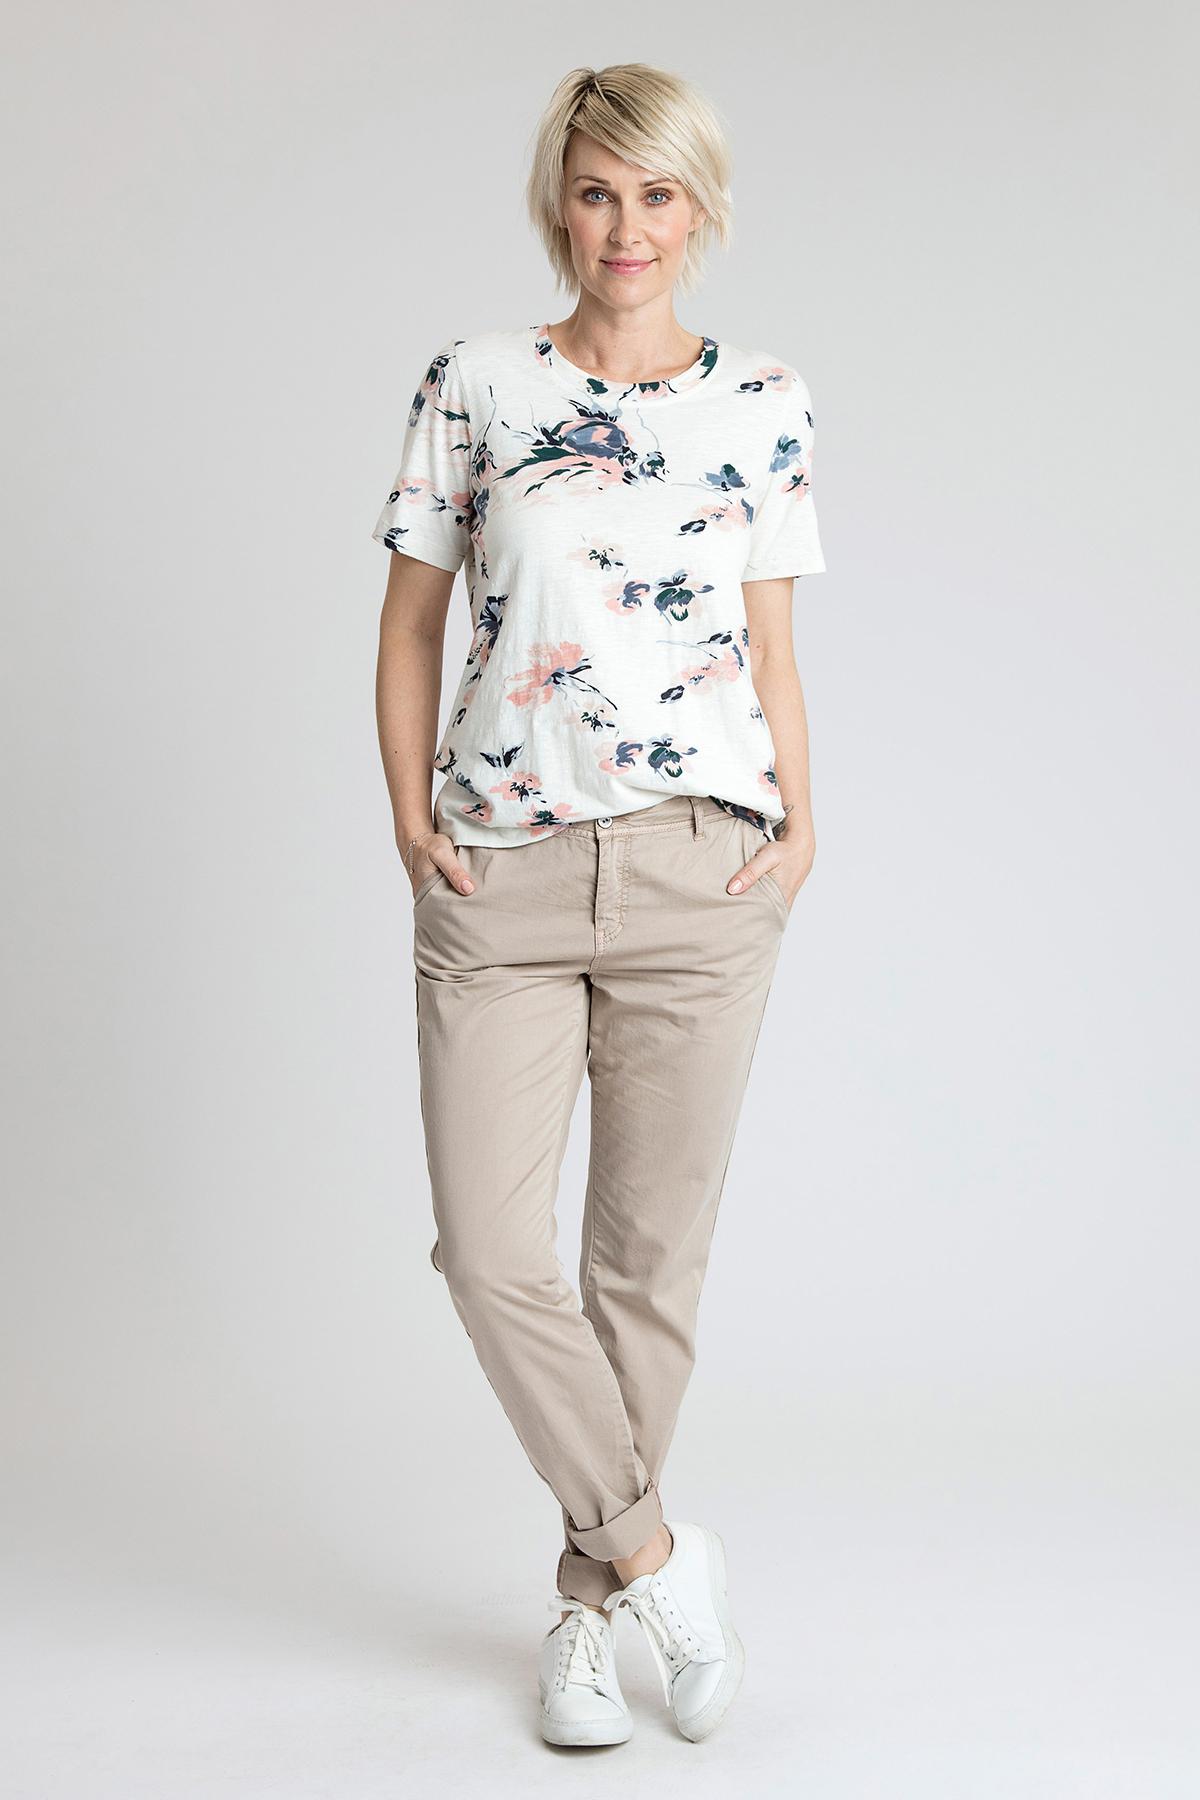 Wollweiss Kurzarm T-Shirt von Kaffe – Shoppen SieWollweiss Kurzarm T-Shirt ab Gr. XS-XXL hier